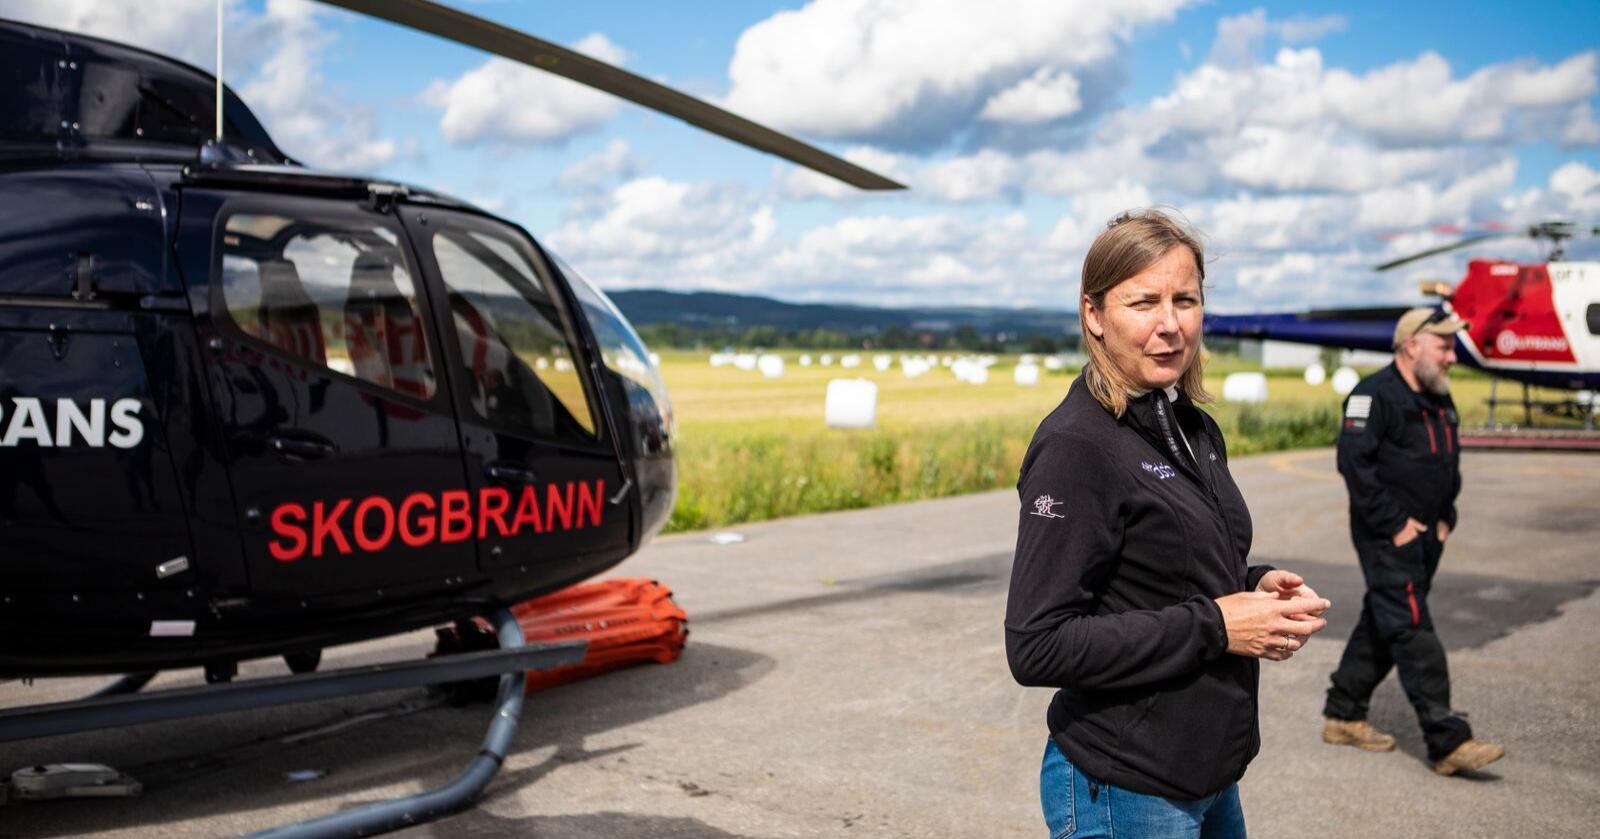 Direktør i DSB Elisabeth Aarsæther under ein demonstrasjon av skogbrannhelikopter i 2020. Foto: Trond Reidar Teigen / NTB